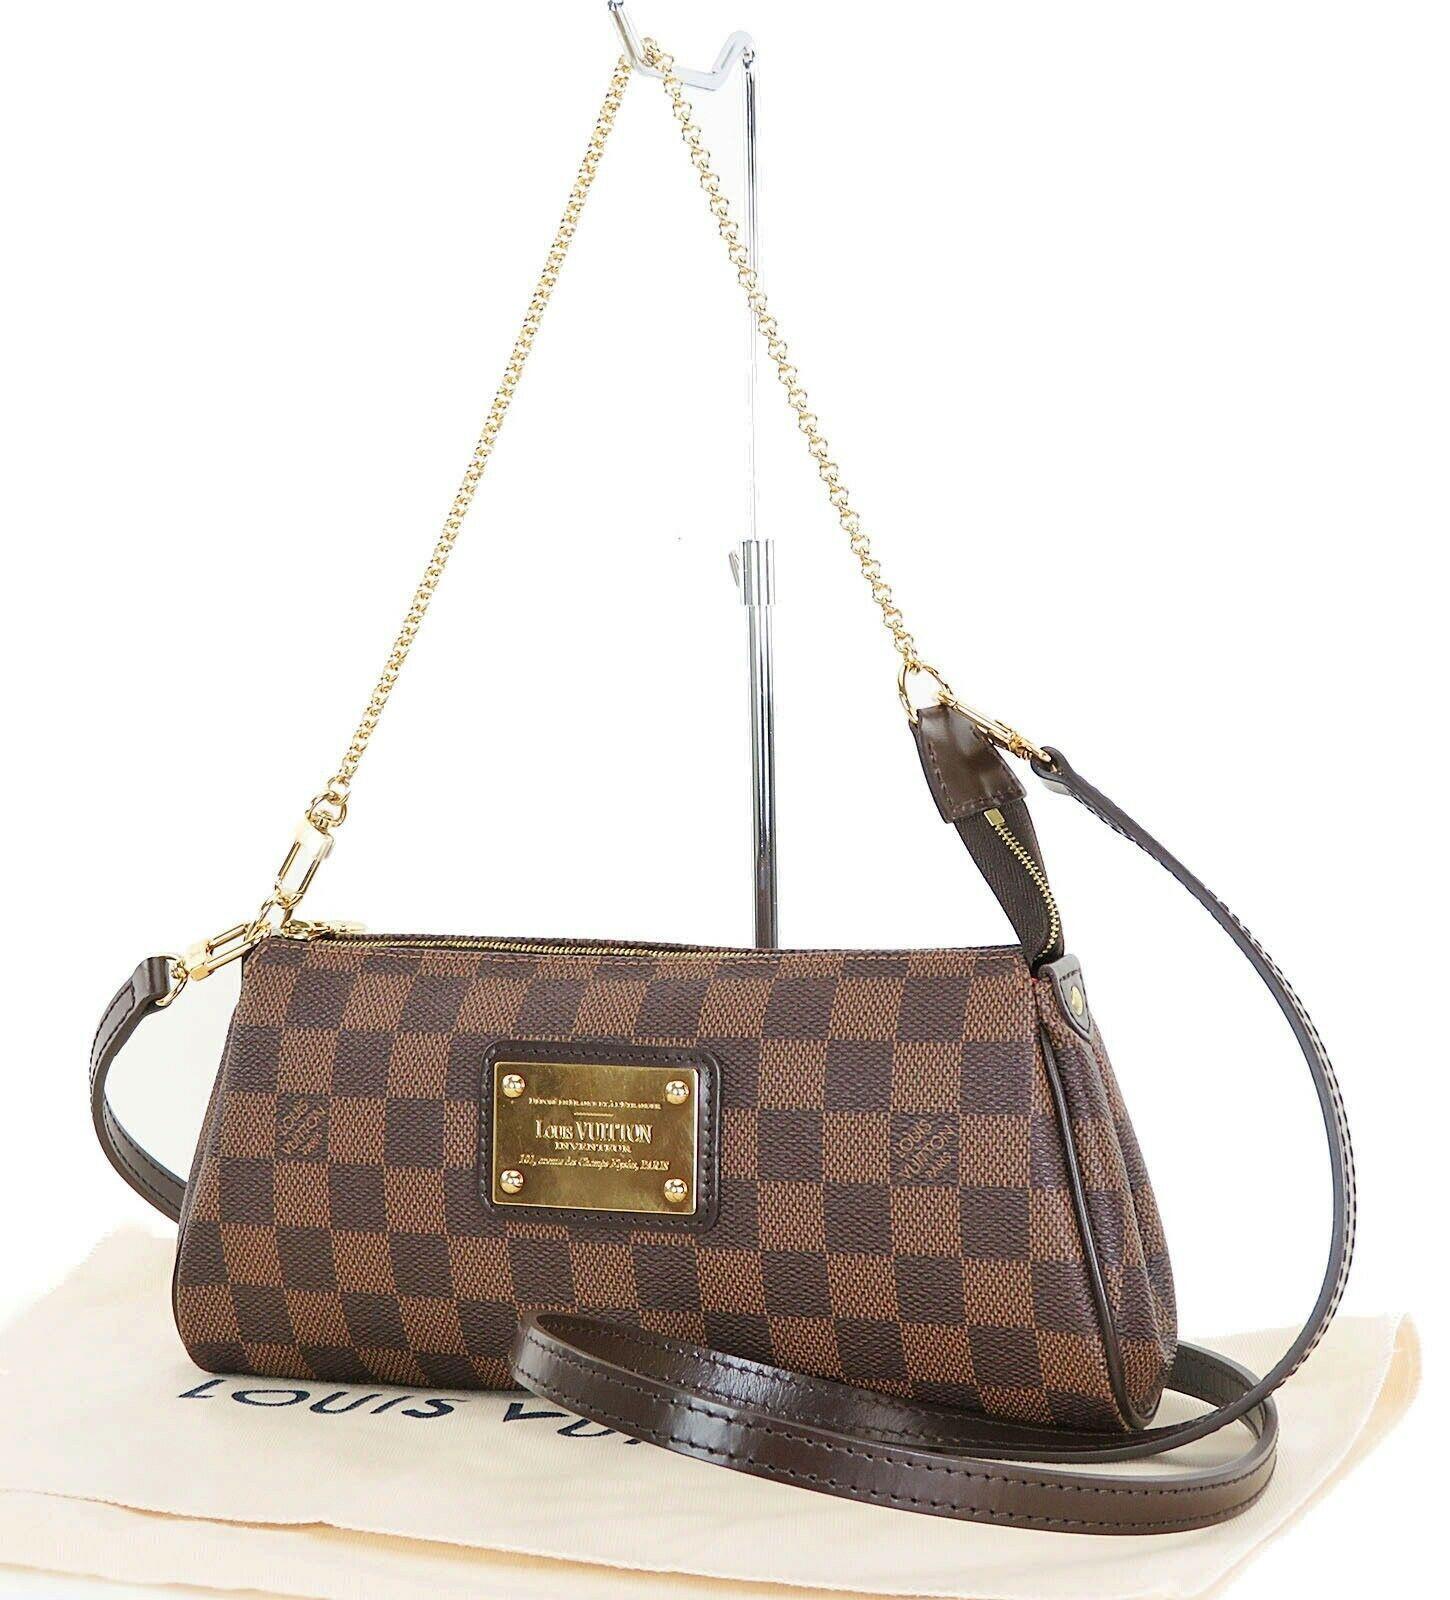 Authentic Louis Vuitton Eva Damier Ebene Chain Clutch Shoulder Hand Bag #32496